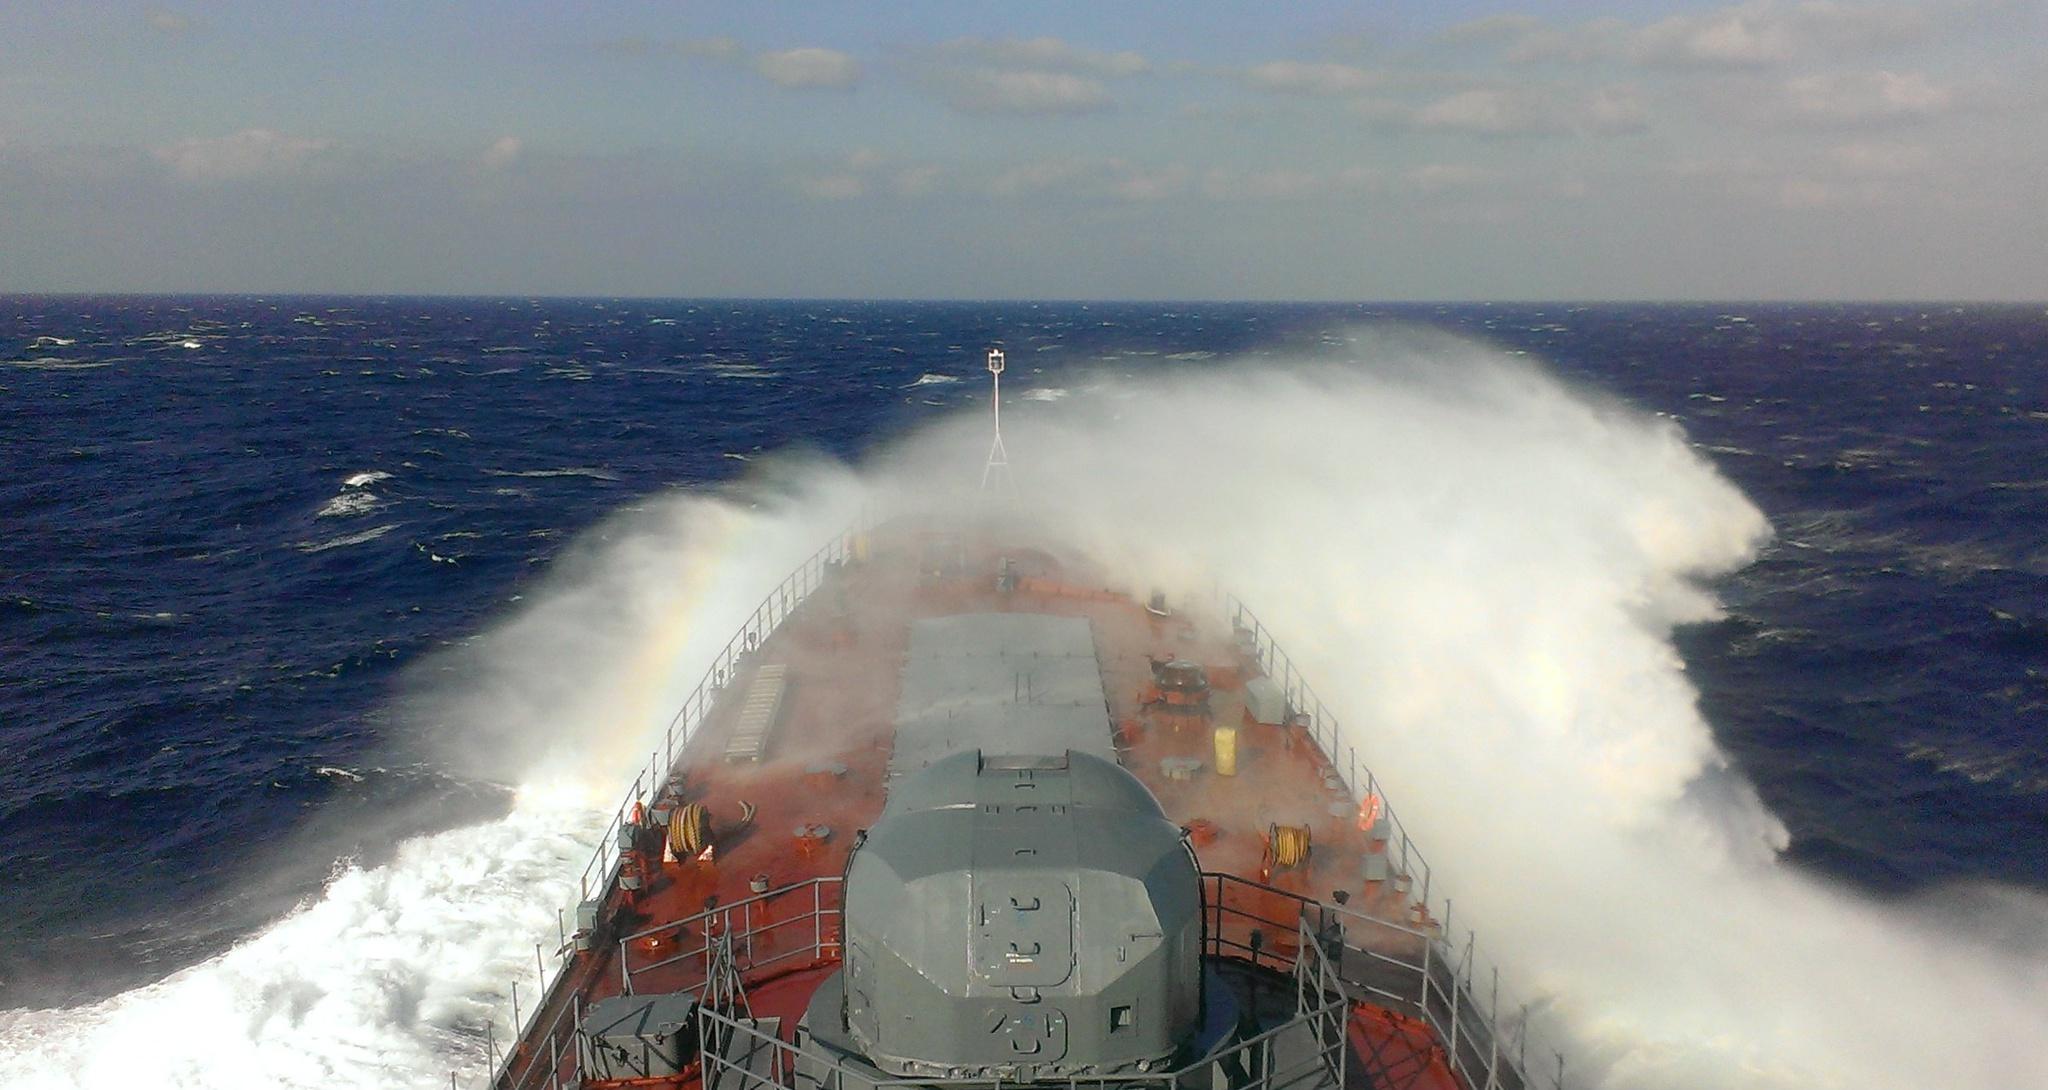 еще лучше фото судов торгового флота в шторм эта функция